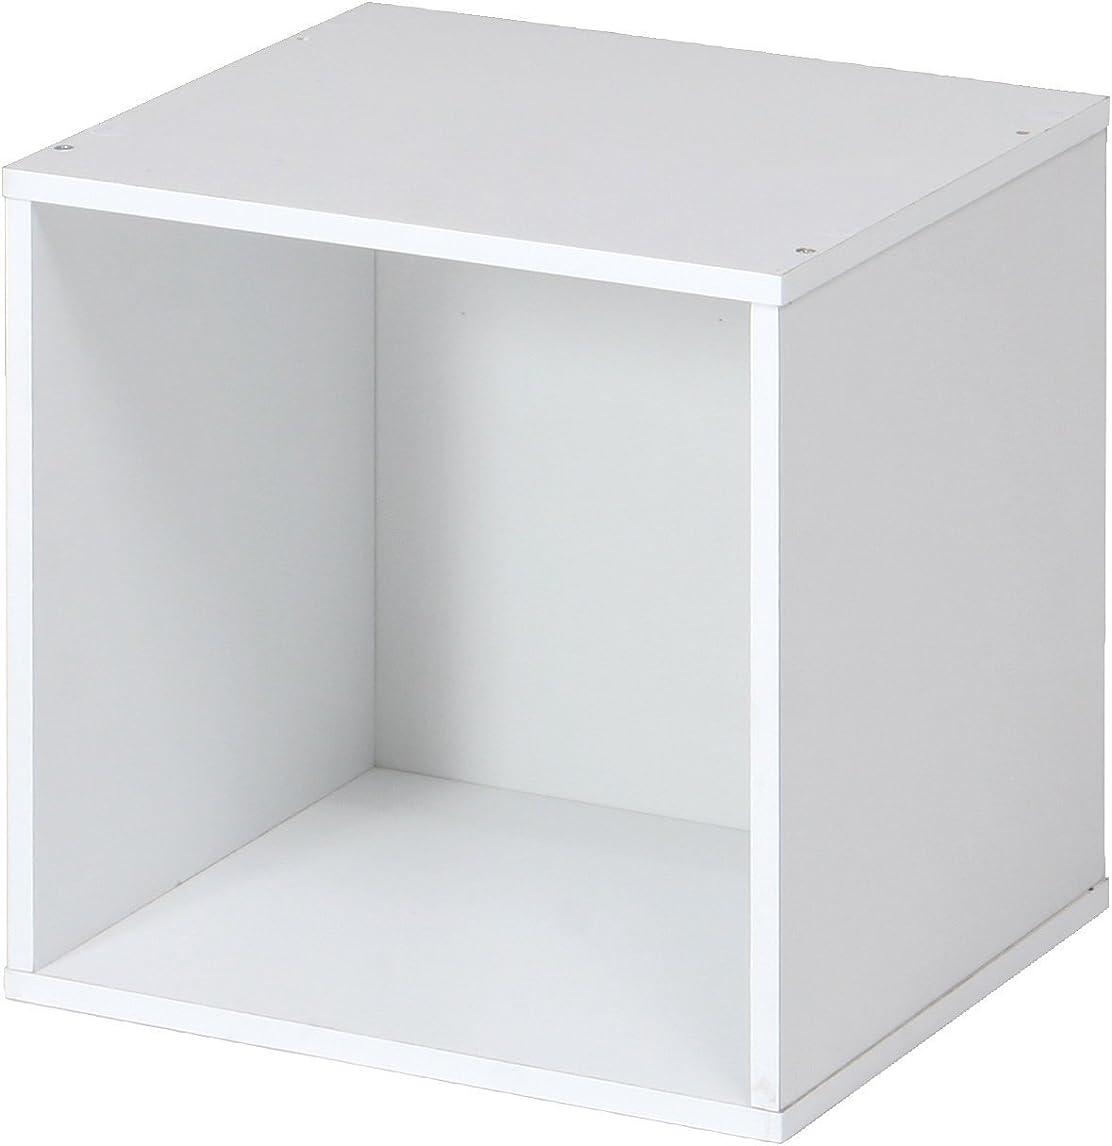 地震サンドイッチニックネーム『 キューブボックス-オープンタイプ(背板付) 』【IT】【tm】ホワイト(#9870273) 幅34.5×高さ34.5×奥行29.5cm